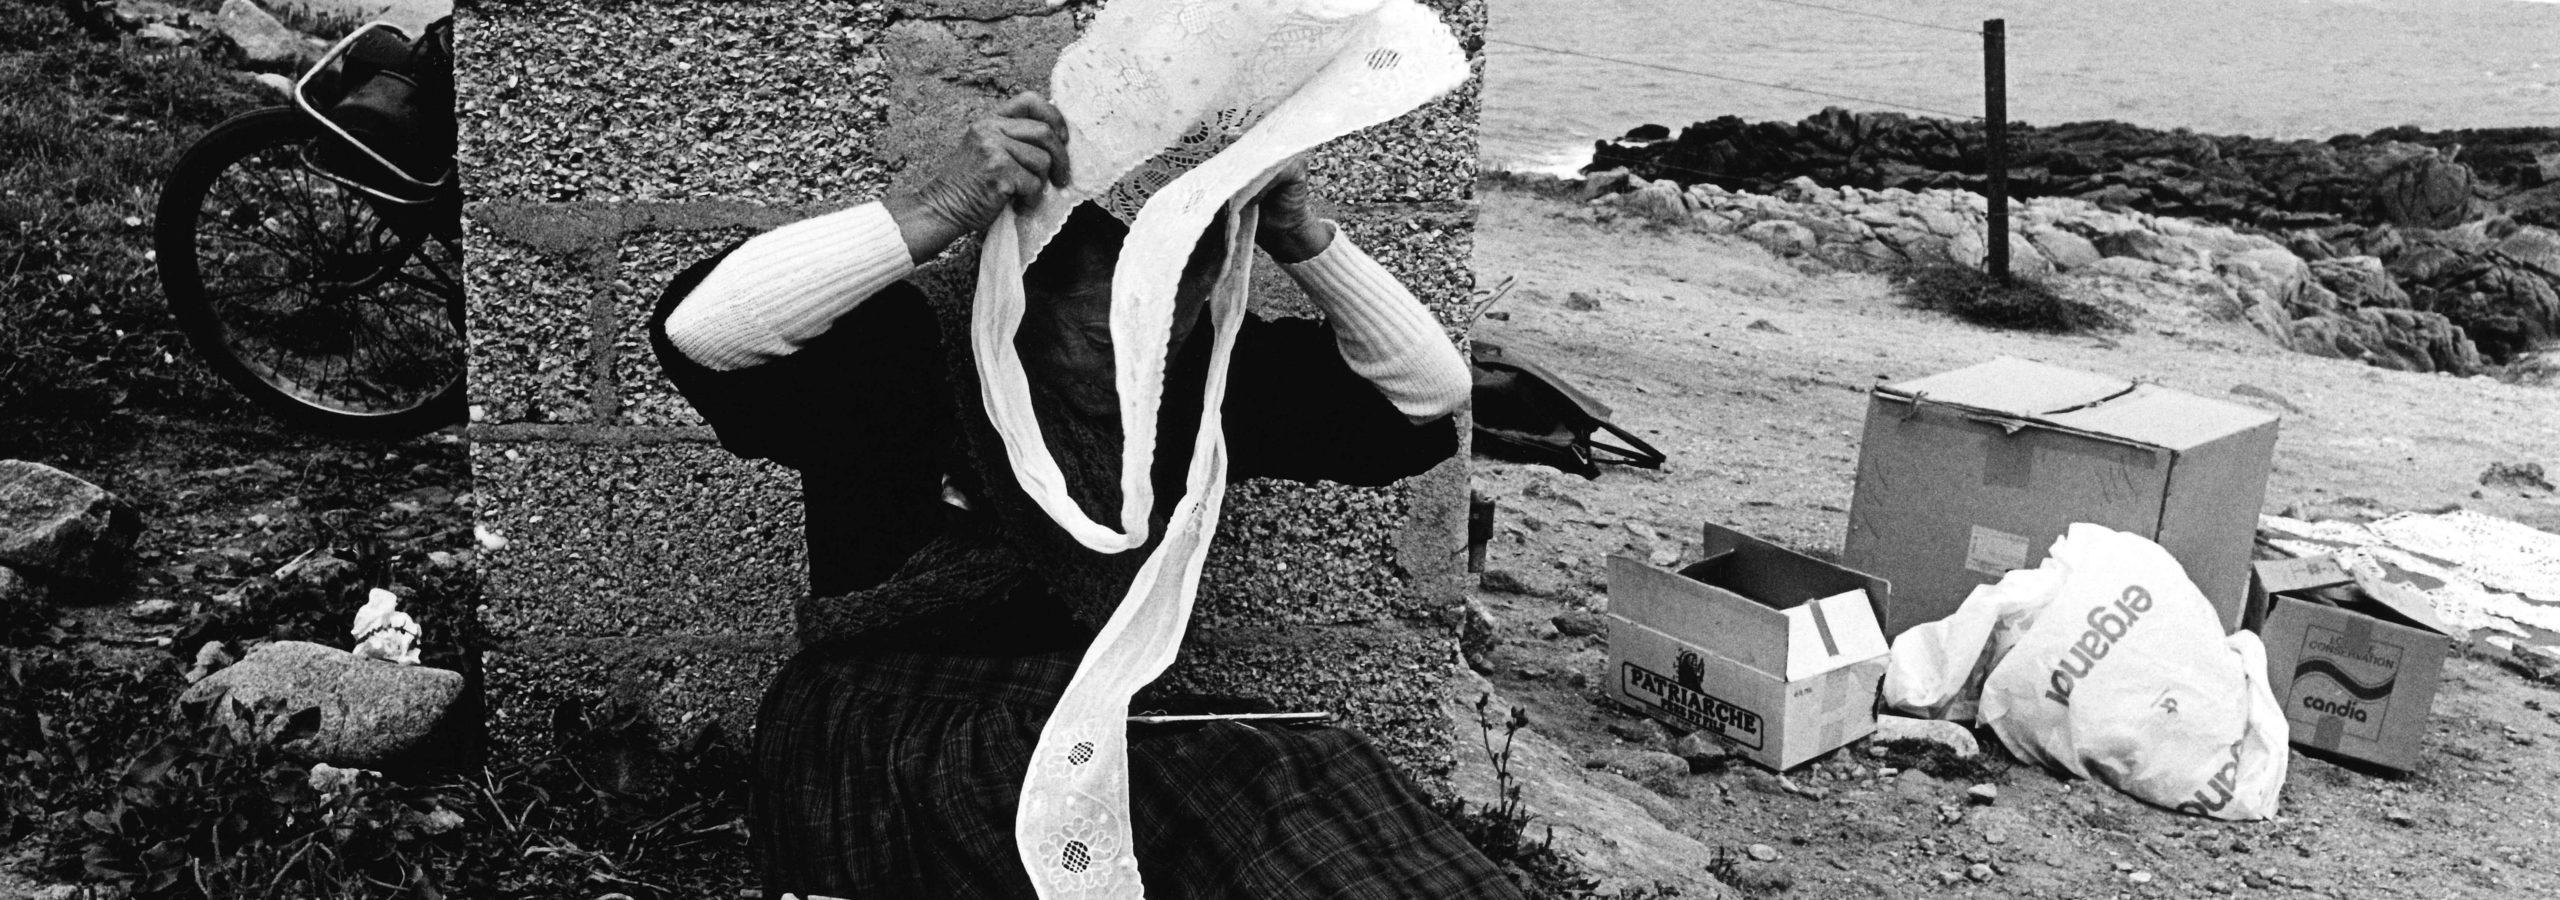 Michel Thersiquel, Sans titre, de l'ensemble Le pays Bigouden. Collection Frac Bretagne © Michel Thersiquel-Les Amis de Michel Thersiquel